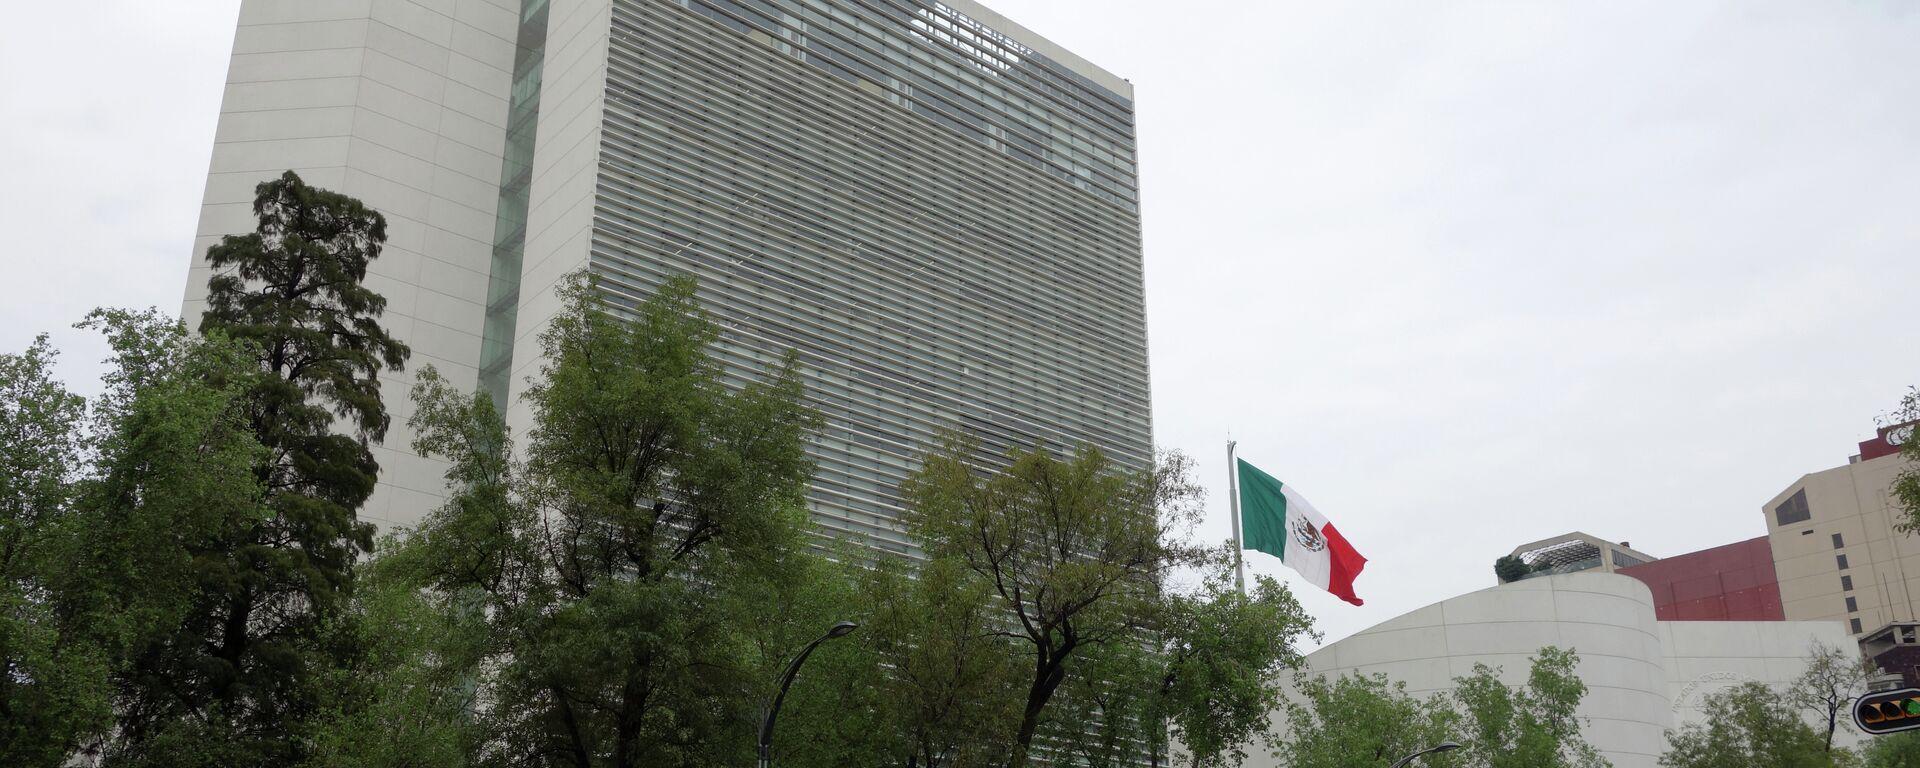 Senado de México - Sputnik Mundo, 1920, 30.04.2021